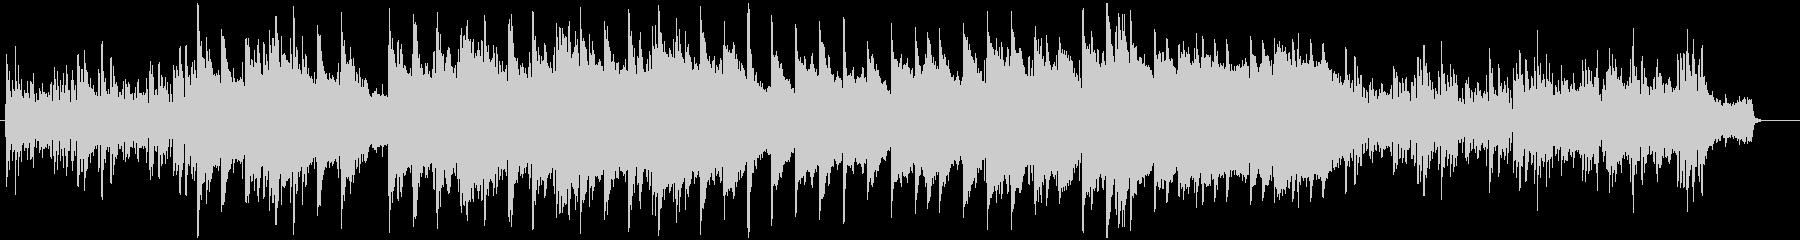 ピアノとストリングスのスローバラードの未再生の波形